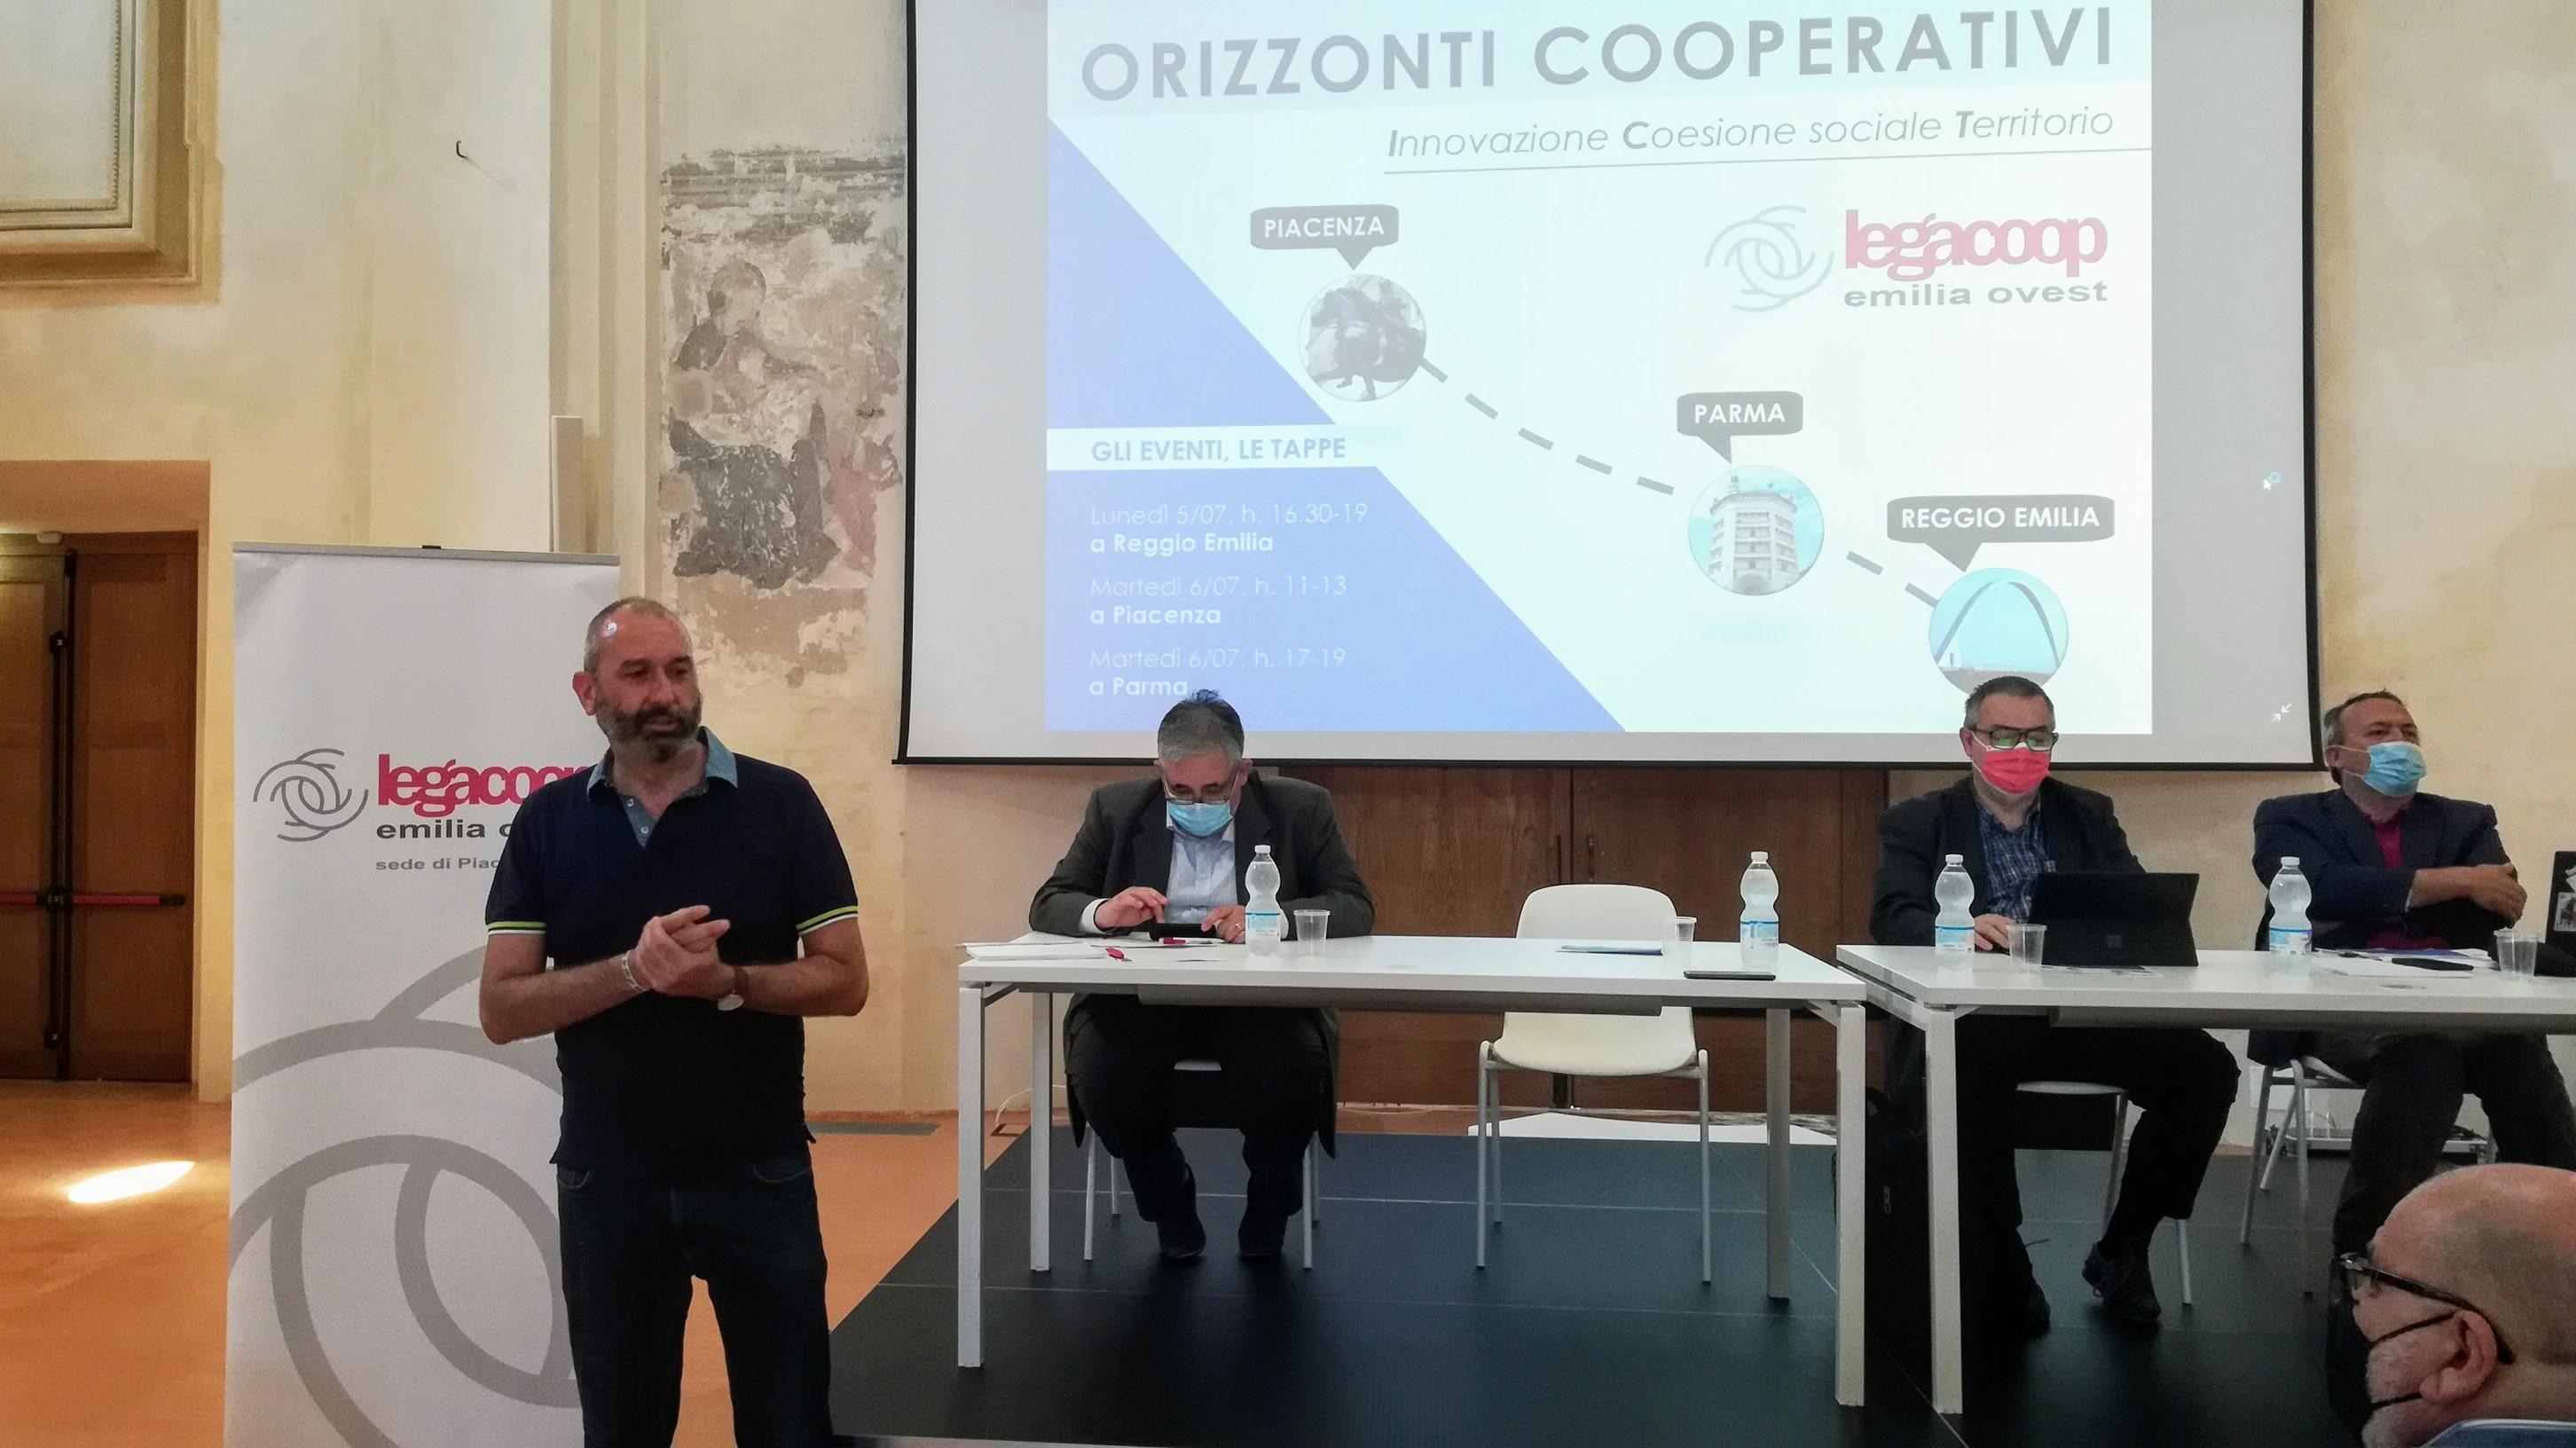 Orizzonti cooperativi innovazione coesione sociale territorio Un'iniziativa in tre tappe per confrontarsi sulle prossime sfide e proposte da costruire